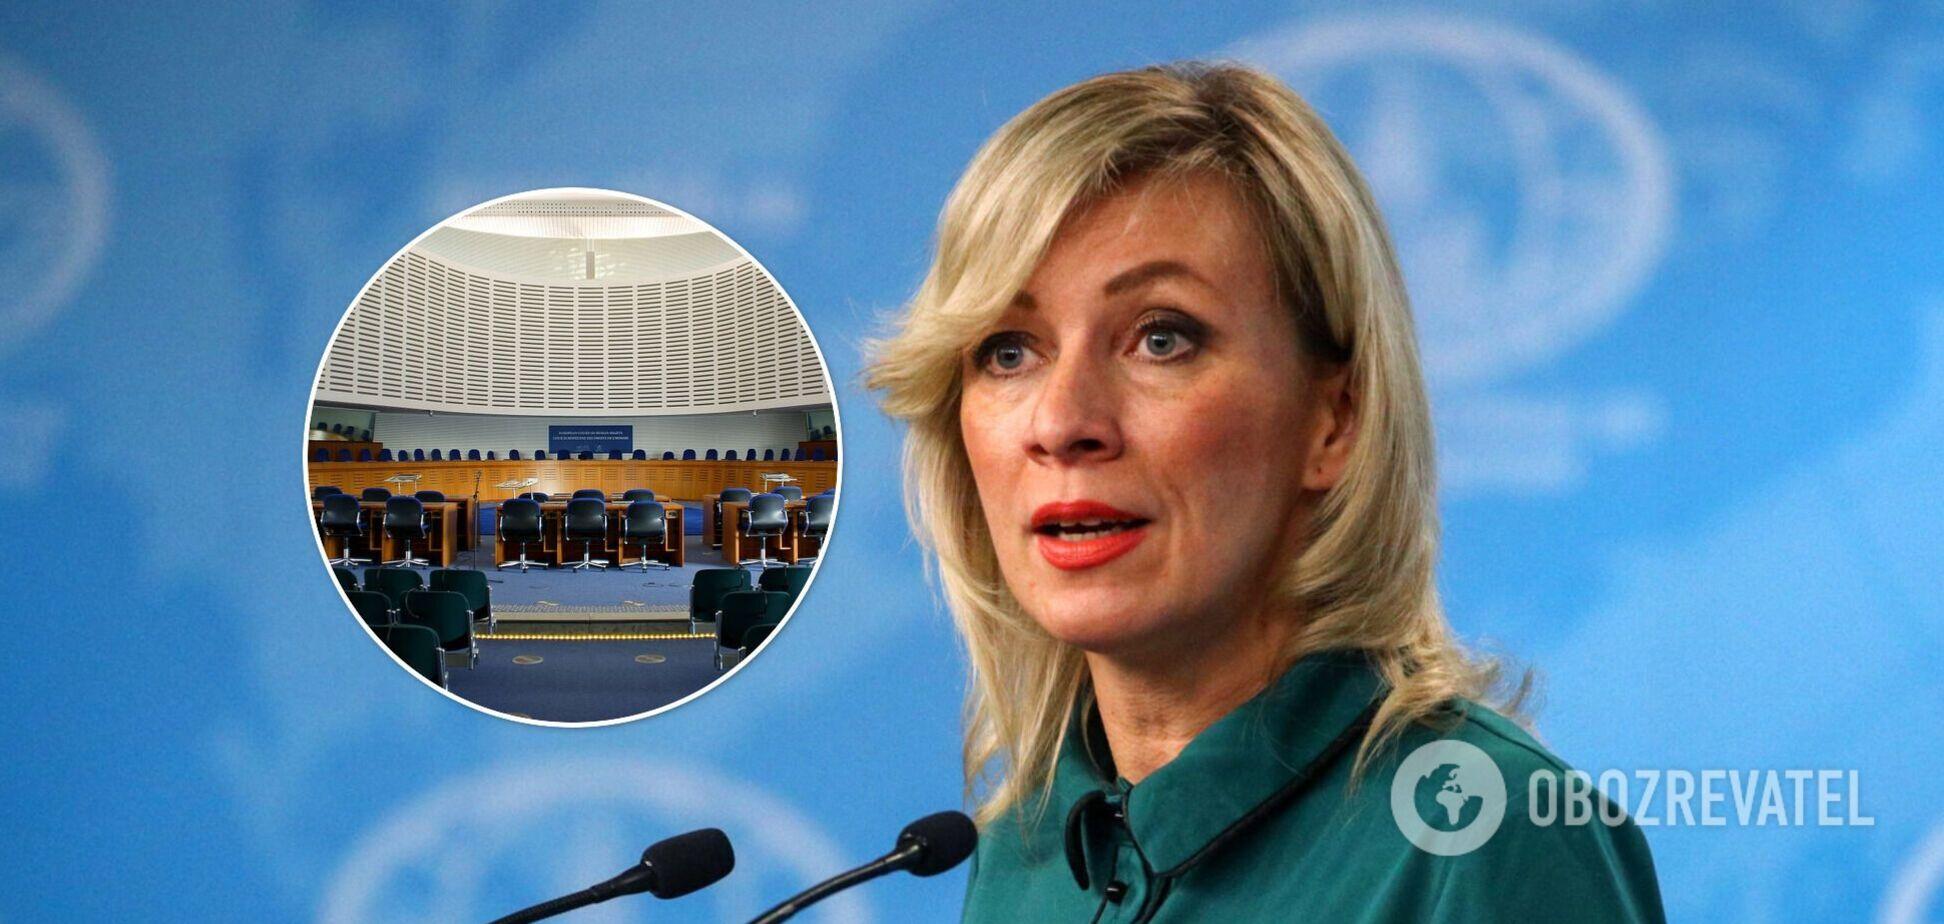 Захарова згадала про захист прав людини і заявила, що Київ 'упивався безкарністю'. Відео